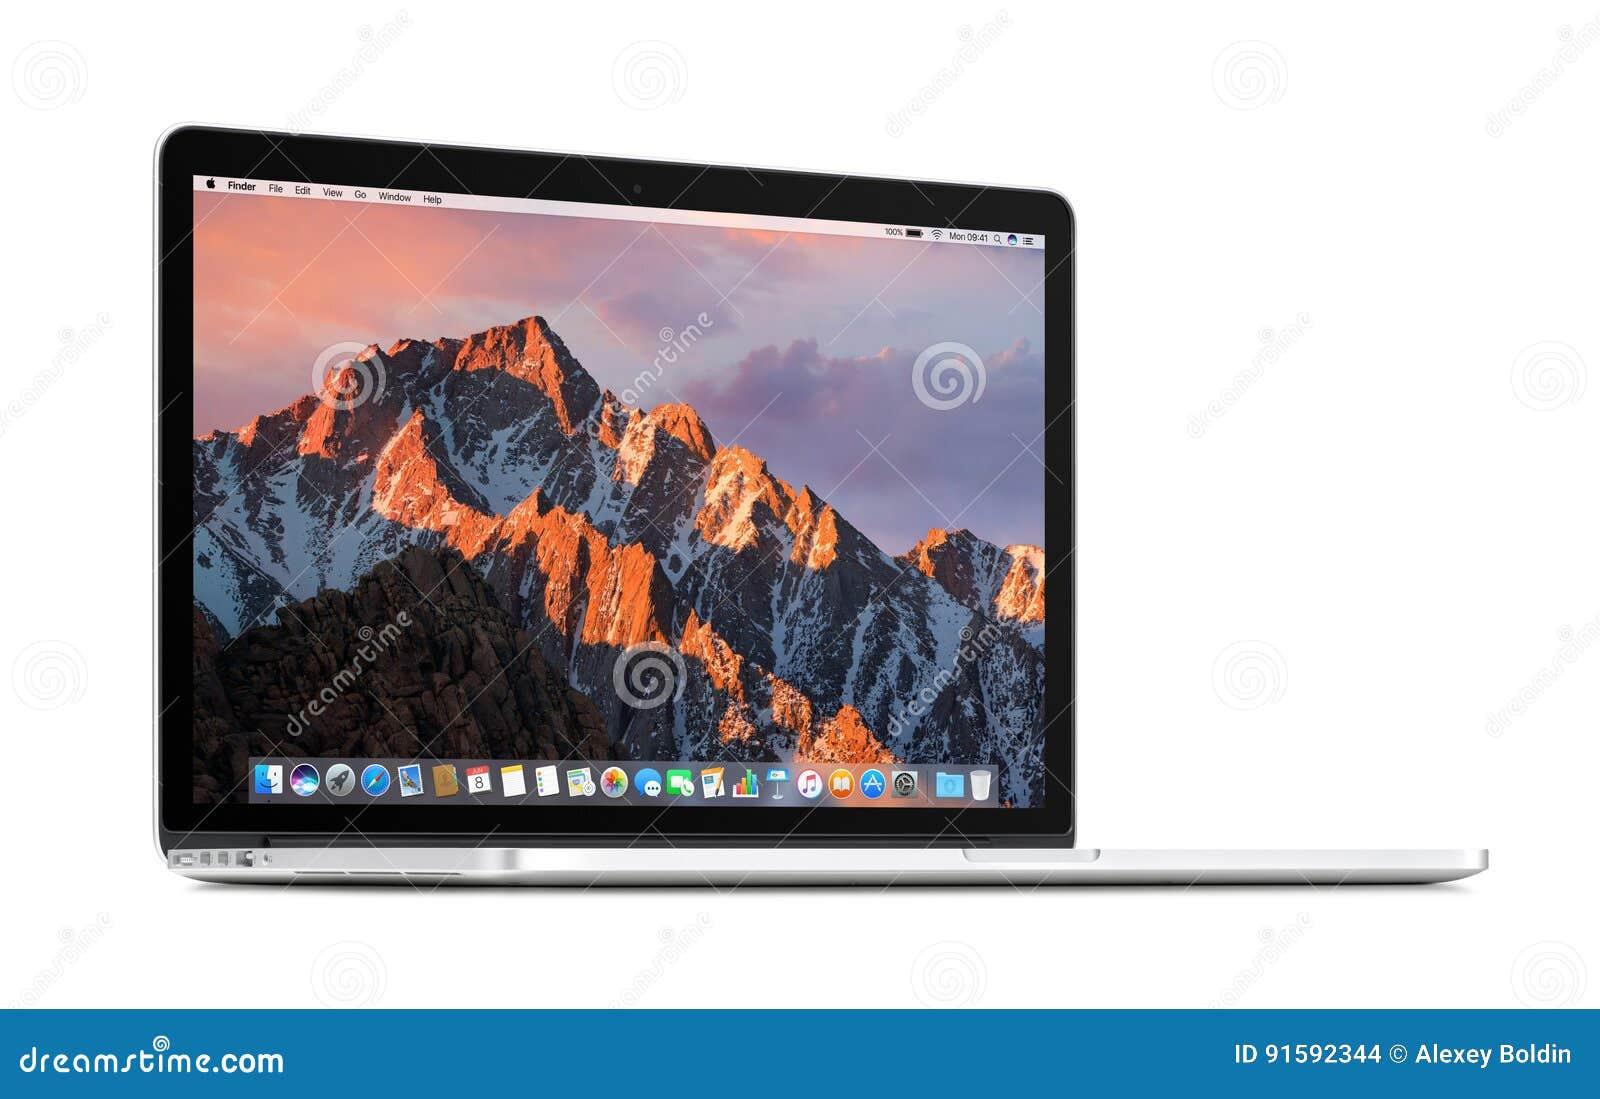 Vue de face de l tourné à une légère rétine 15 d Apple MacBook Pro d angle avec la sierra de MaOS sur l affichage